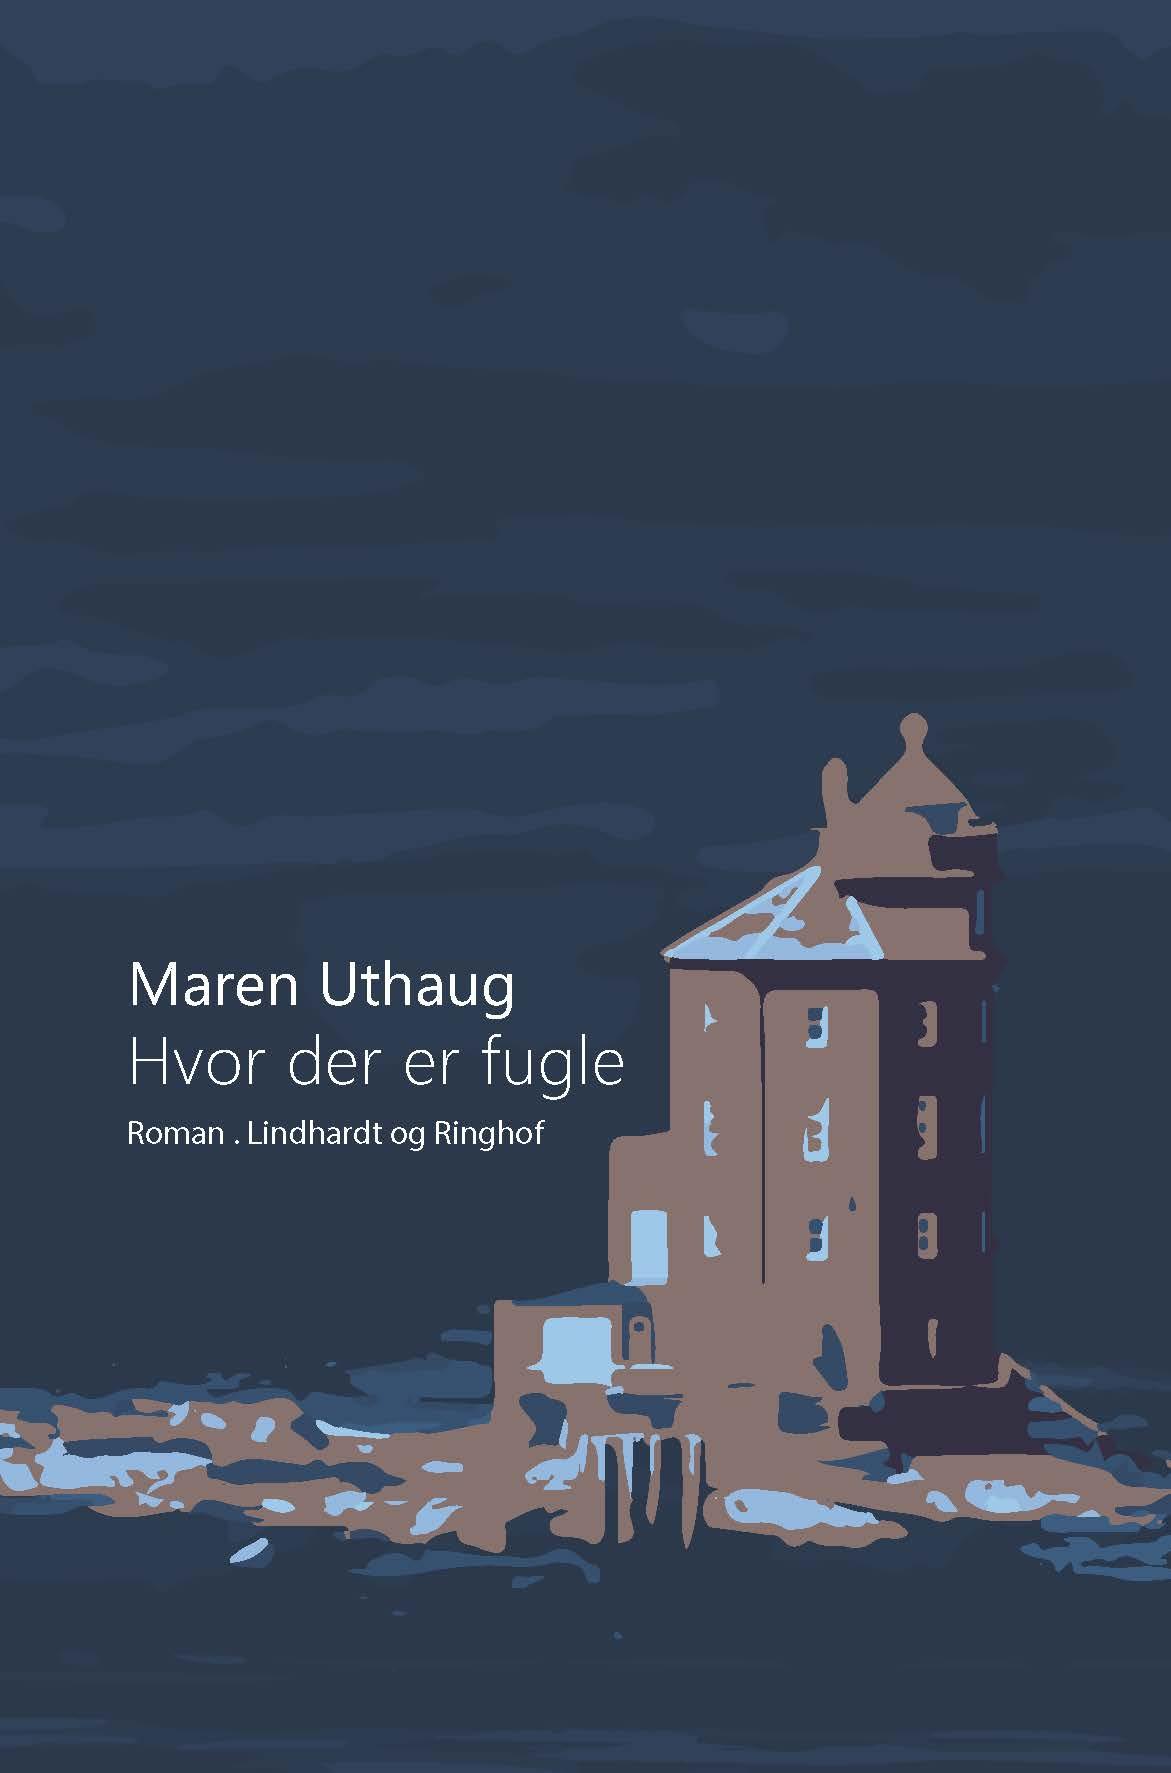 maren-uthaug